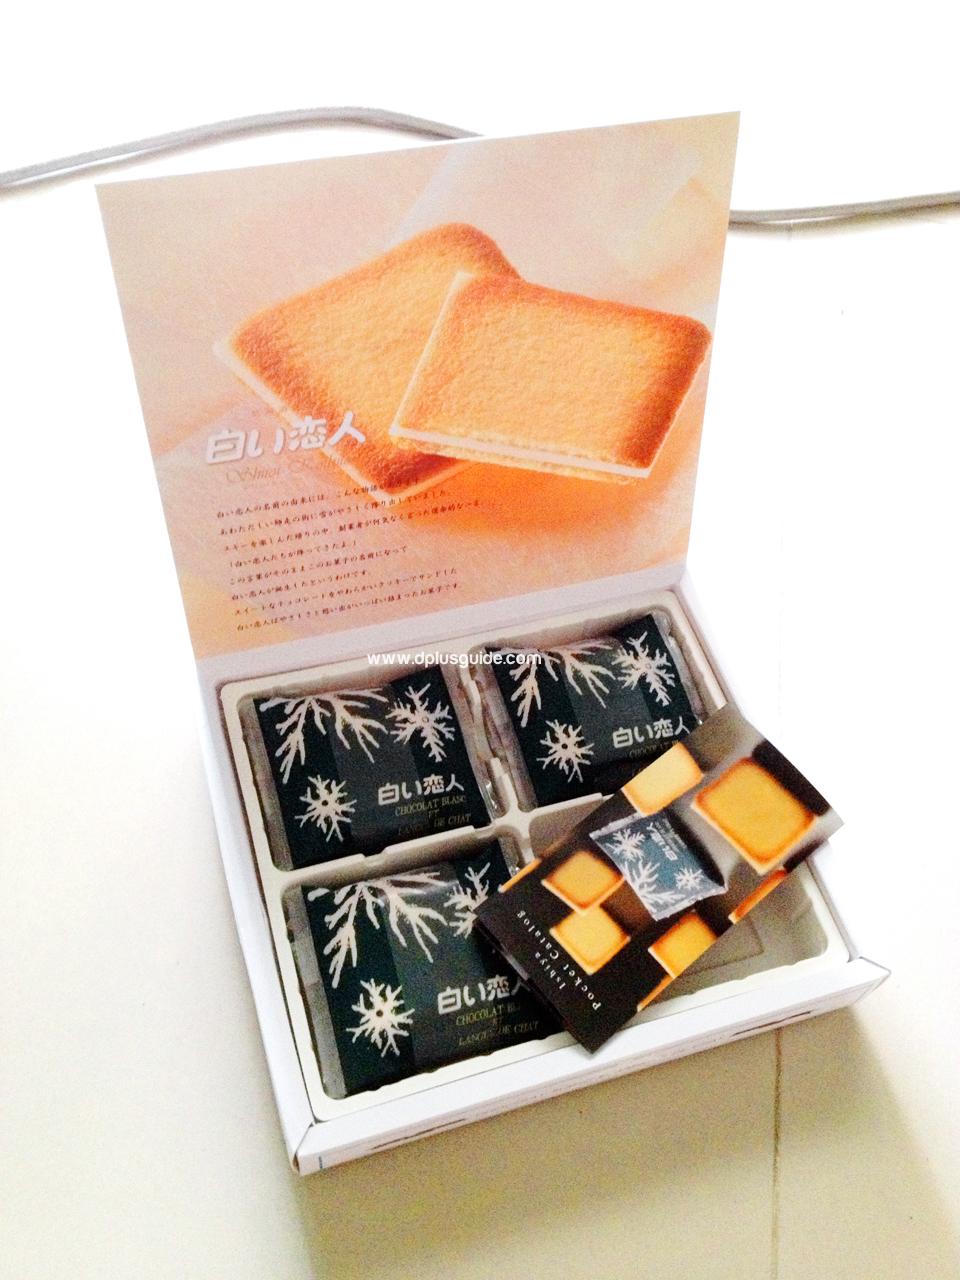 คุกกี้สอดไส้ช็อคโกแล็ต Shiroi Koibito ของบริษัท Ishiya หนึ่งในของฝากยอดนิยม จากฮอกไกโด